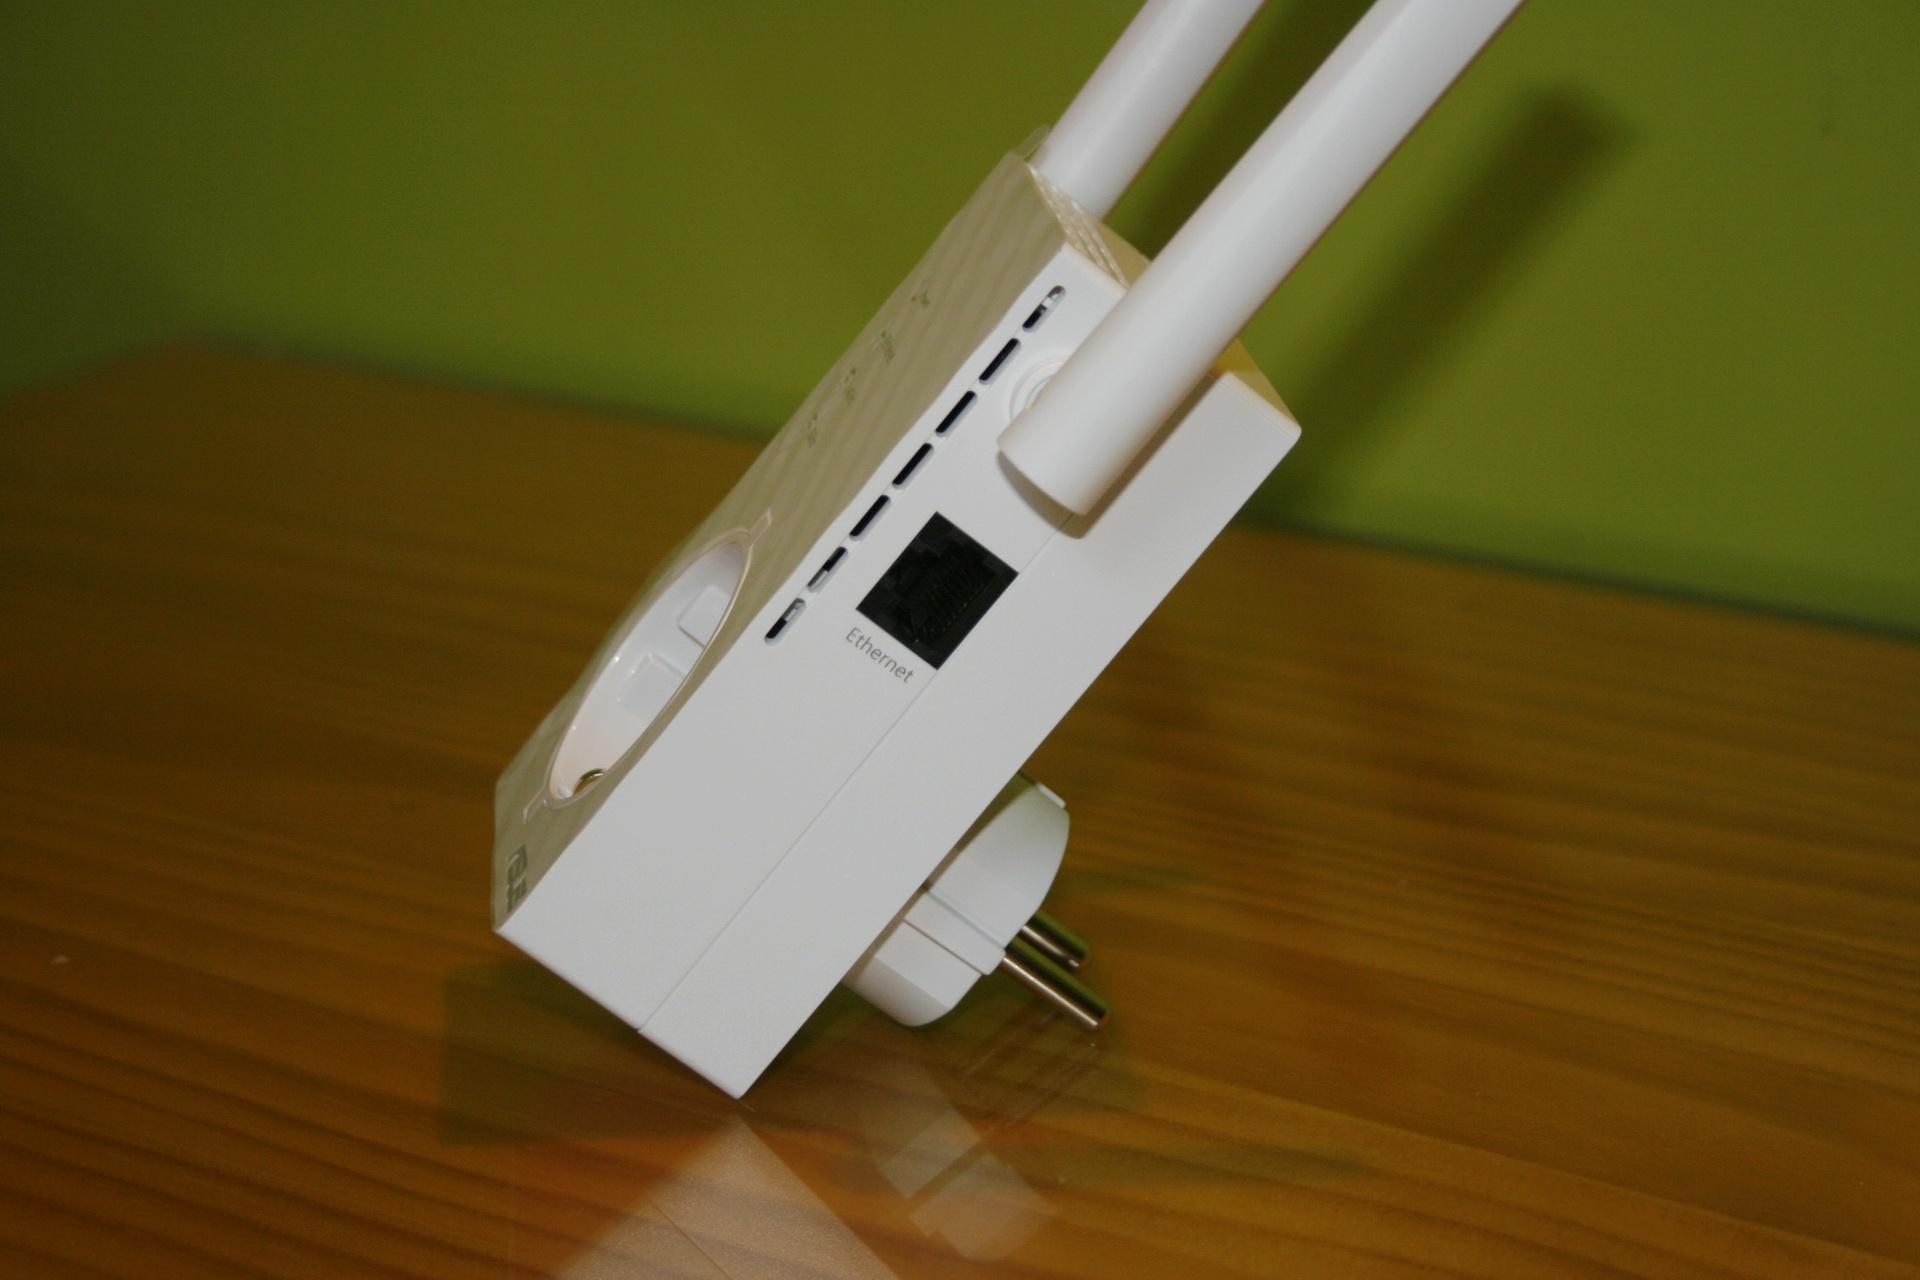 Asus RP-AC53, otro dispositivo 3 en 1: repetidor, punto de acceso y bridge